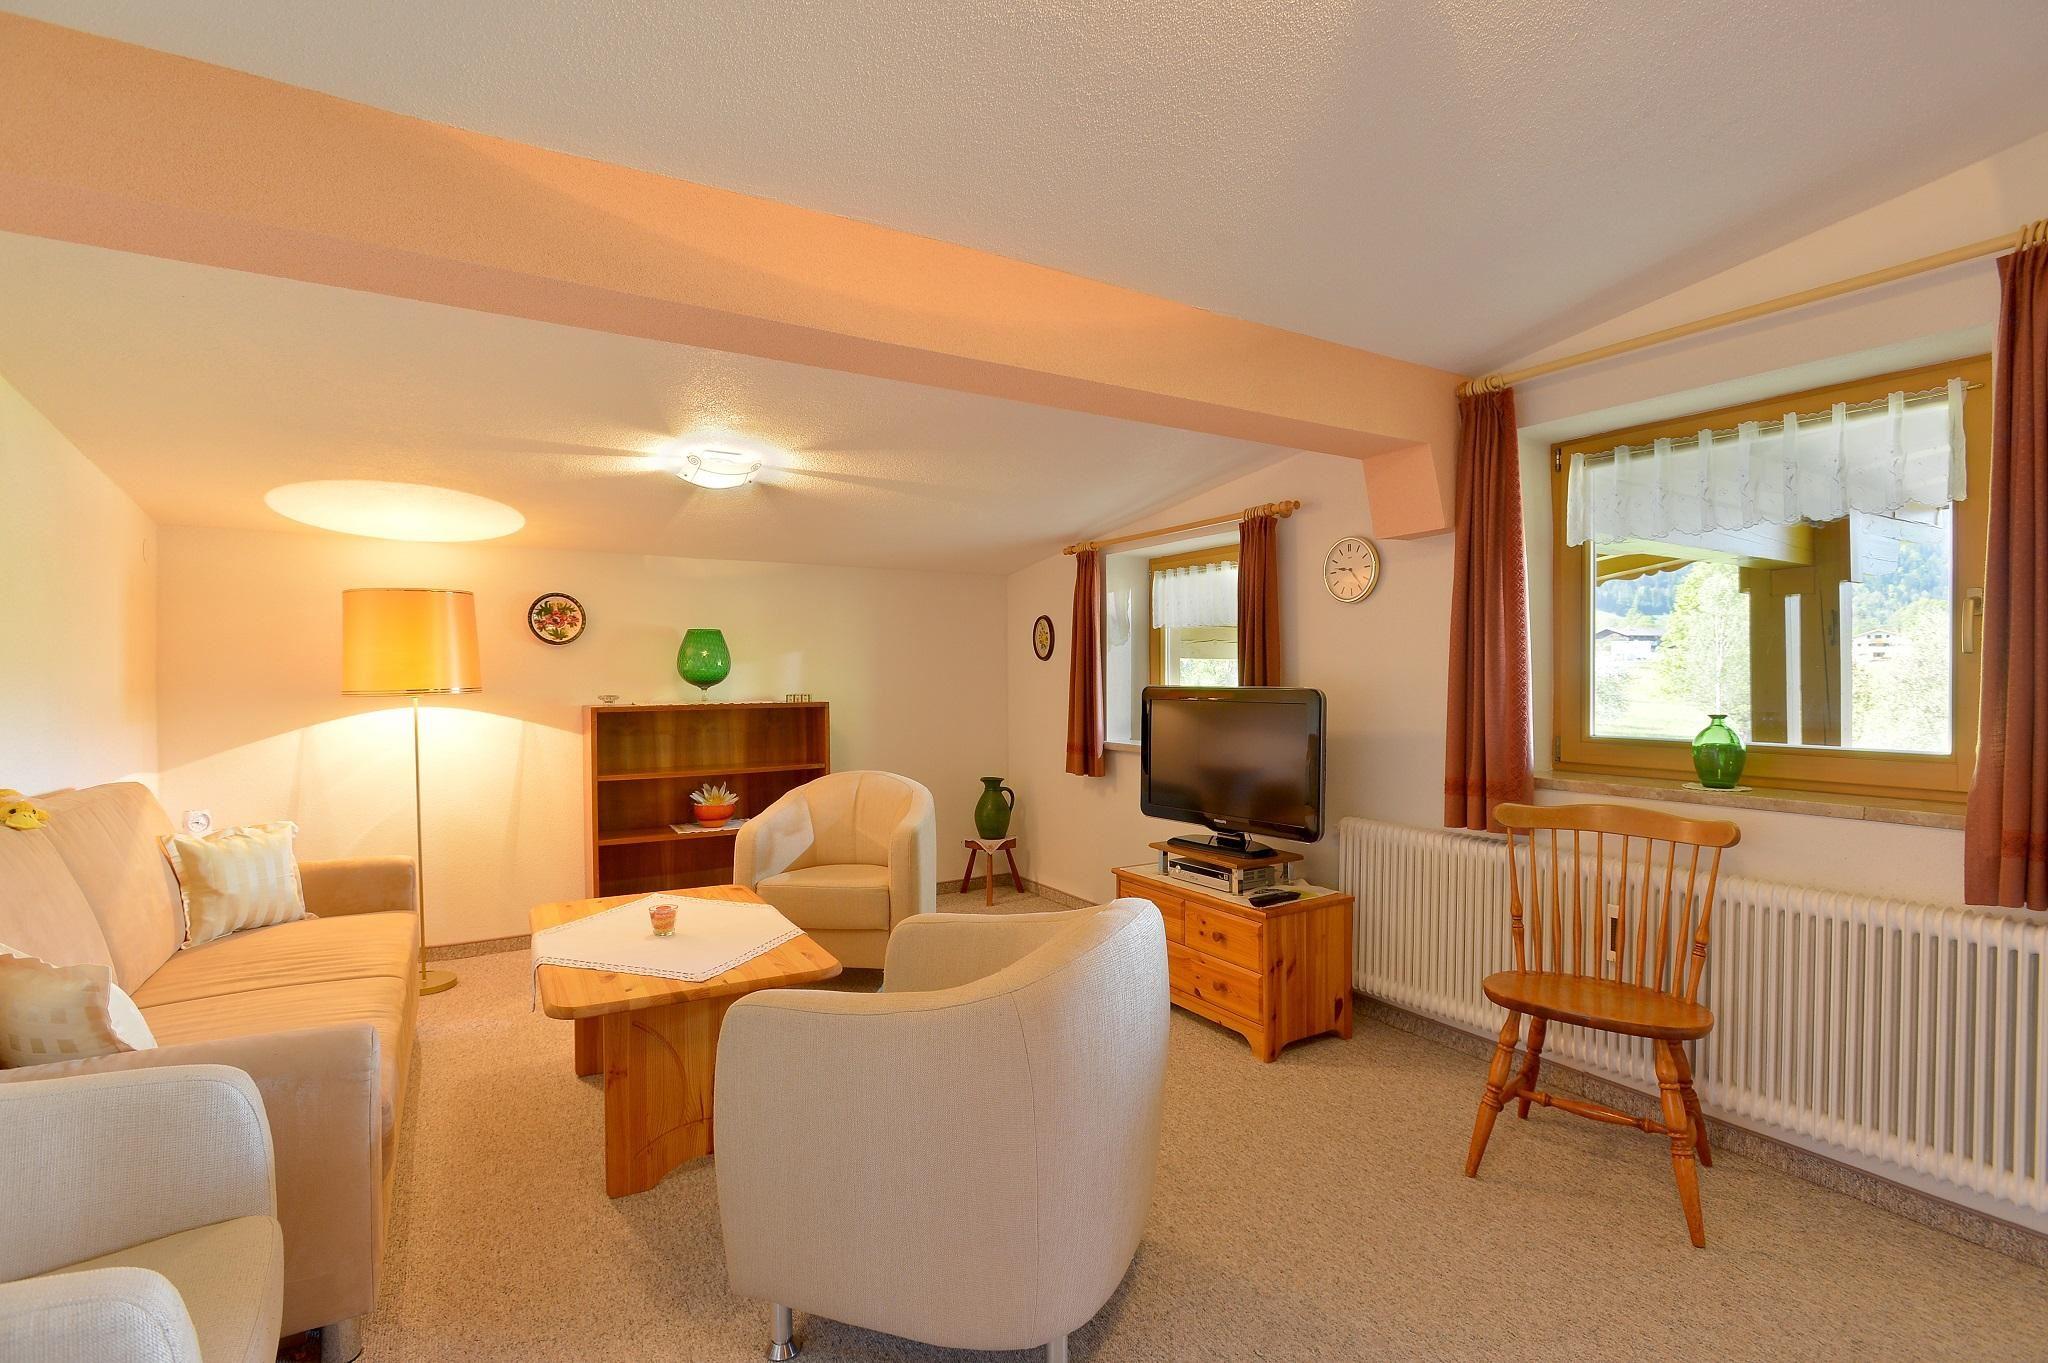 Wohnzimmer koch wohnzimmer mit koch und essbereich get free high quality hd wallpapers - Wohnzimmer koch ...